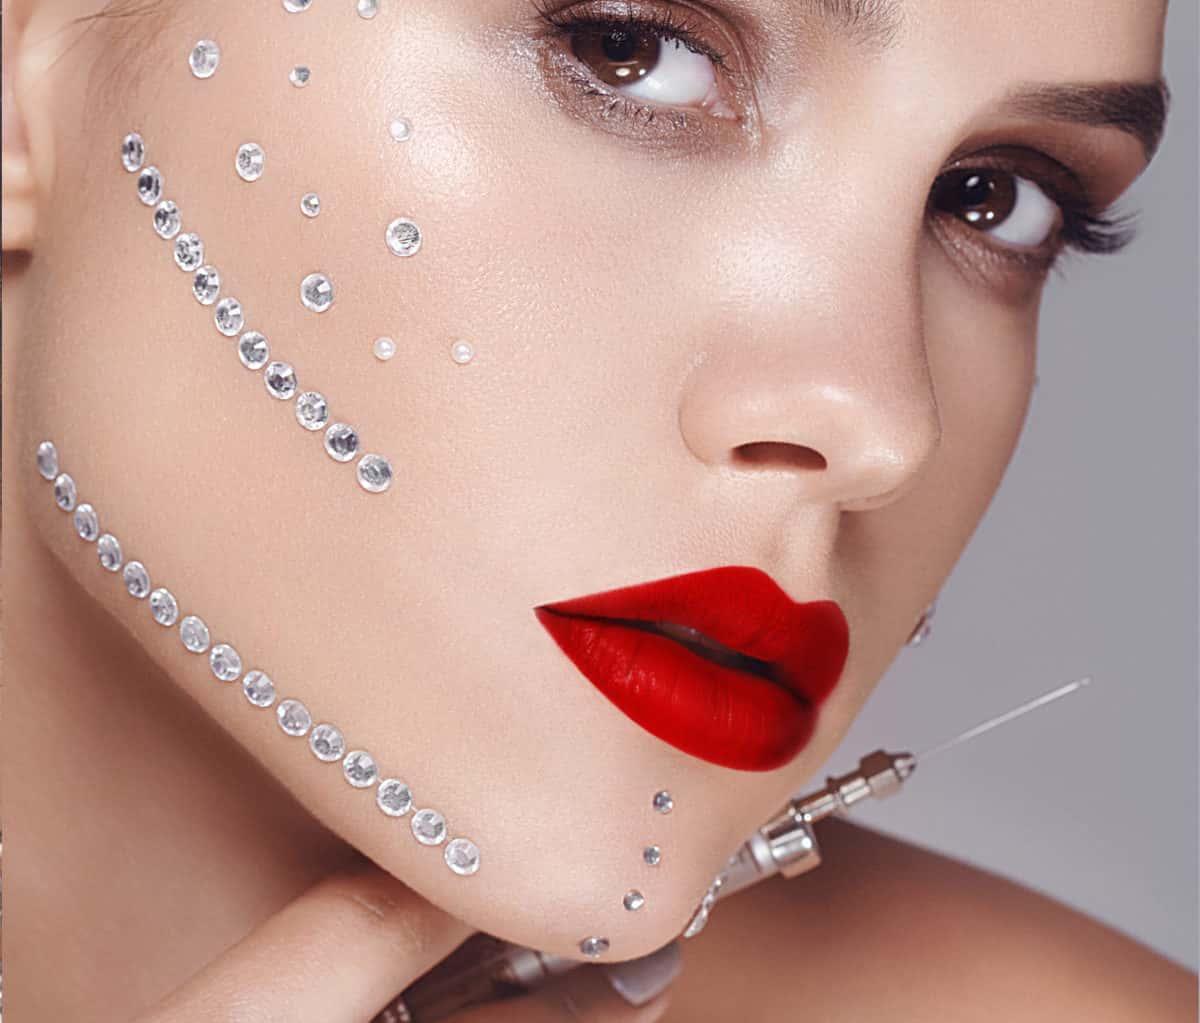 Безоперационное устранение возростных изменений кожи лица